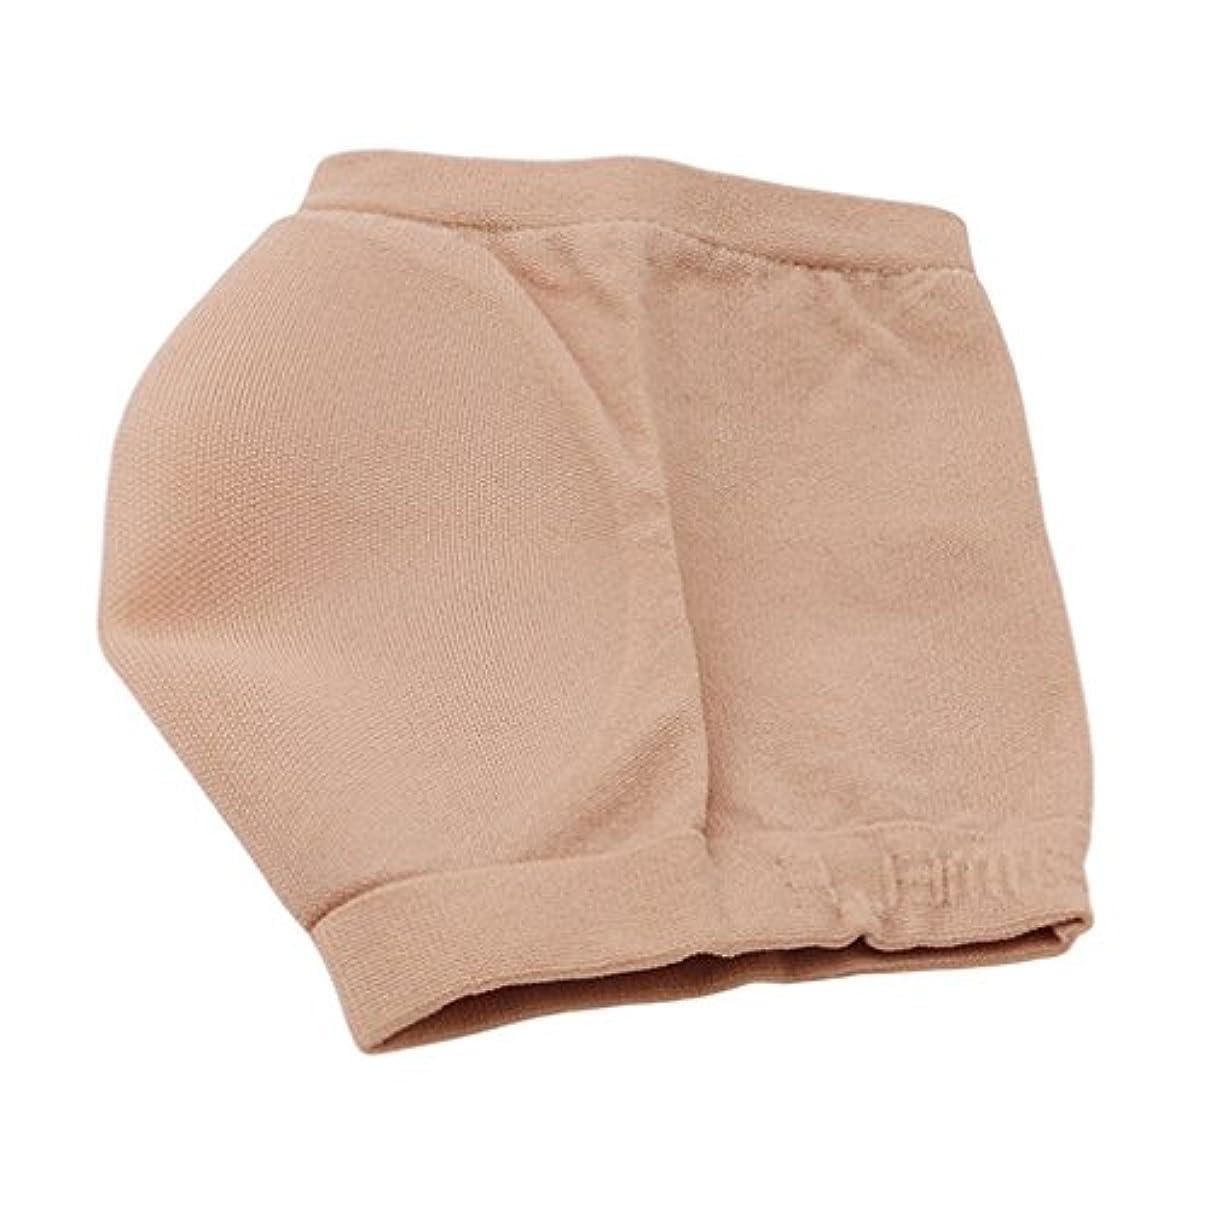 マッサージ暖かく些細なMARUIKAO かかと ジェルサポーター ソックス 保湿 ケア 割れ かさかさ 防止 美かかとづくり カラーMコード